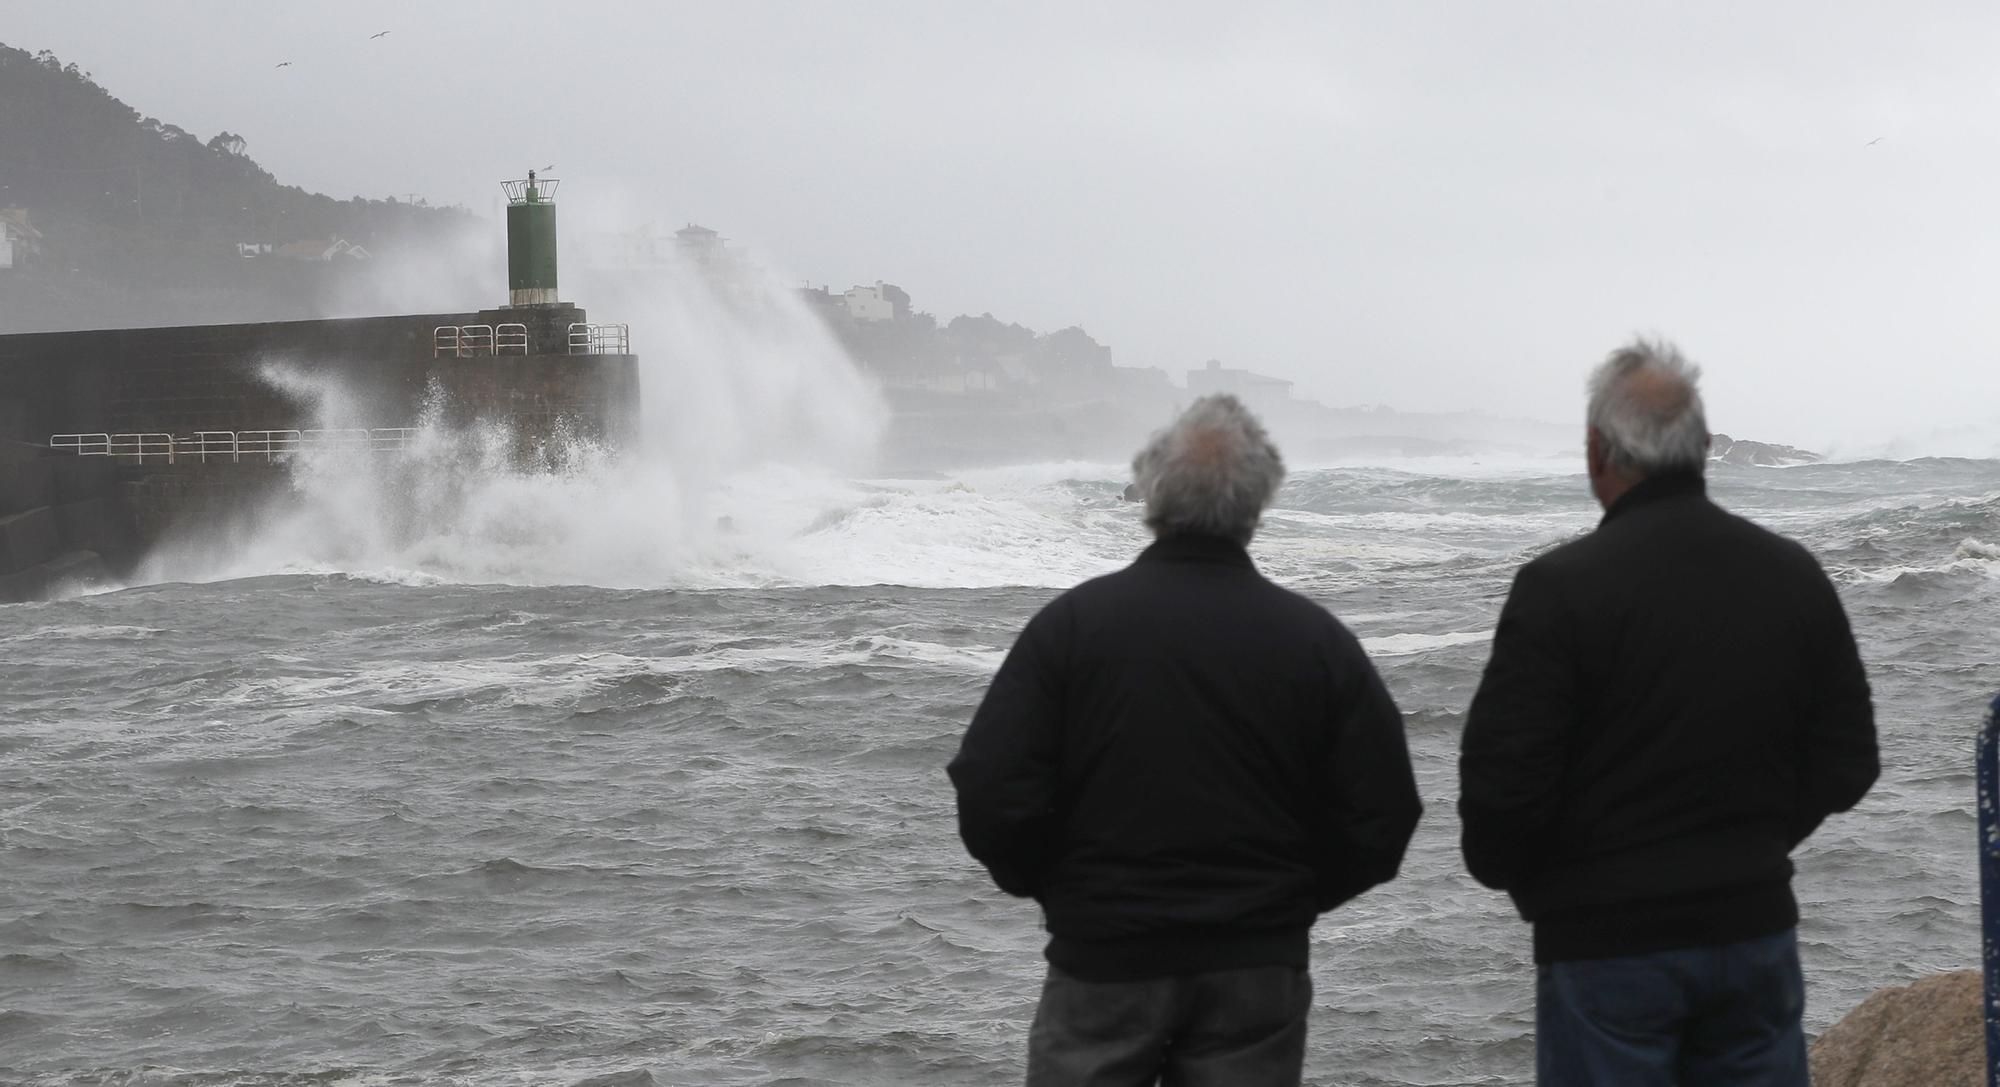 El espectáculo del viento y el mar